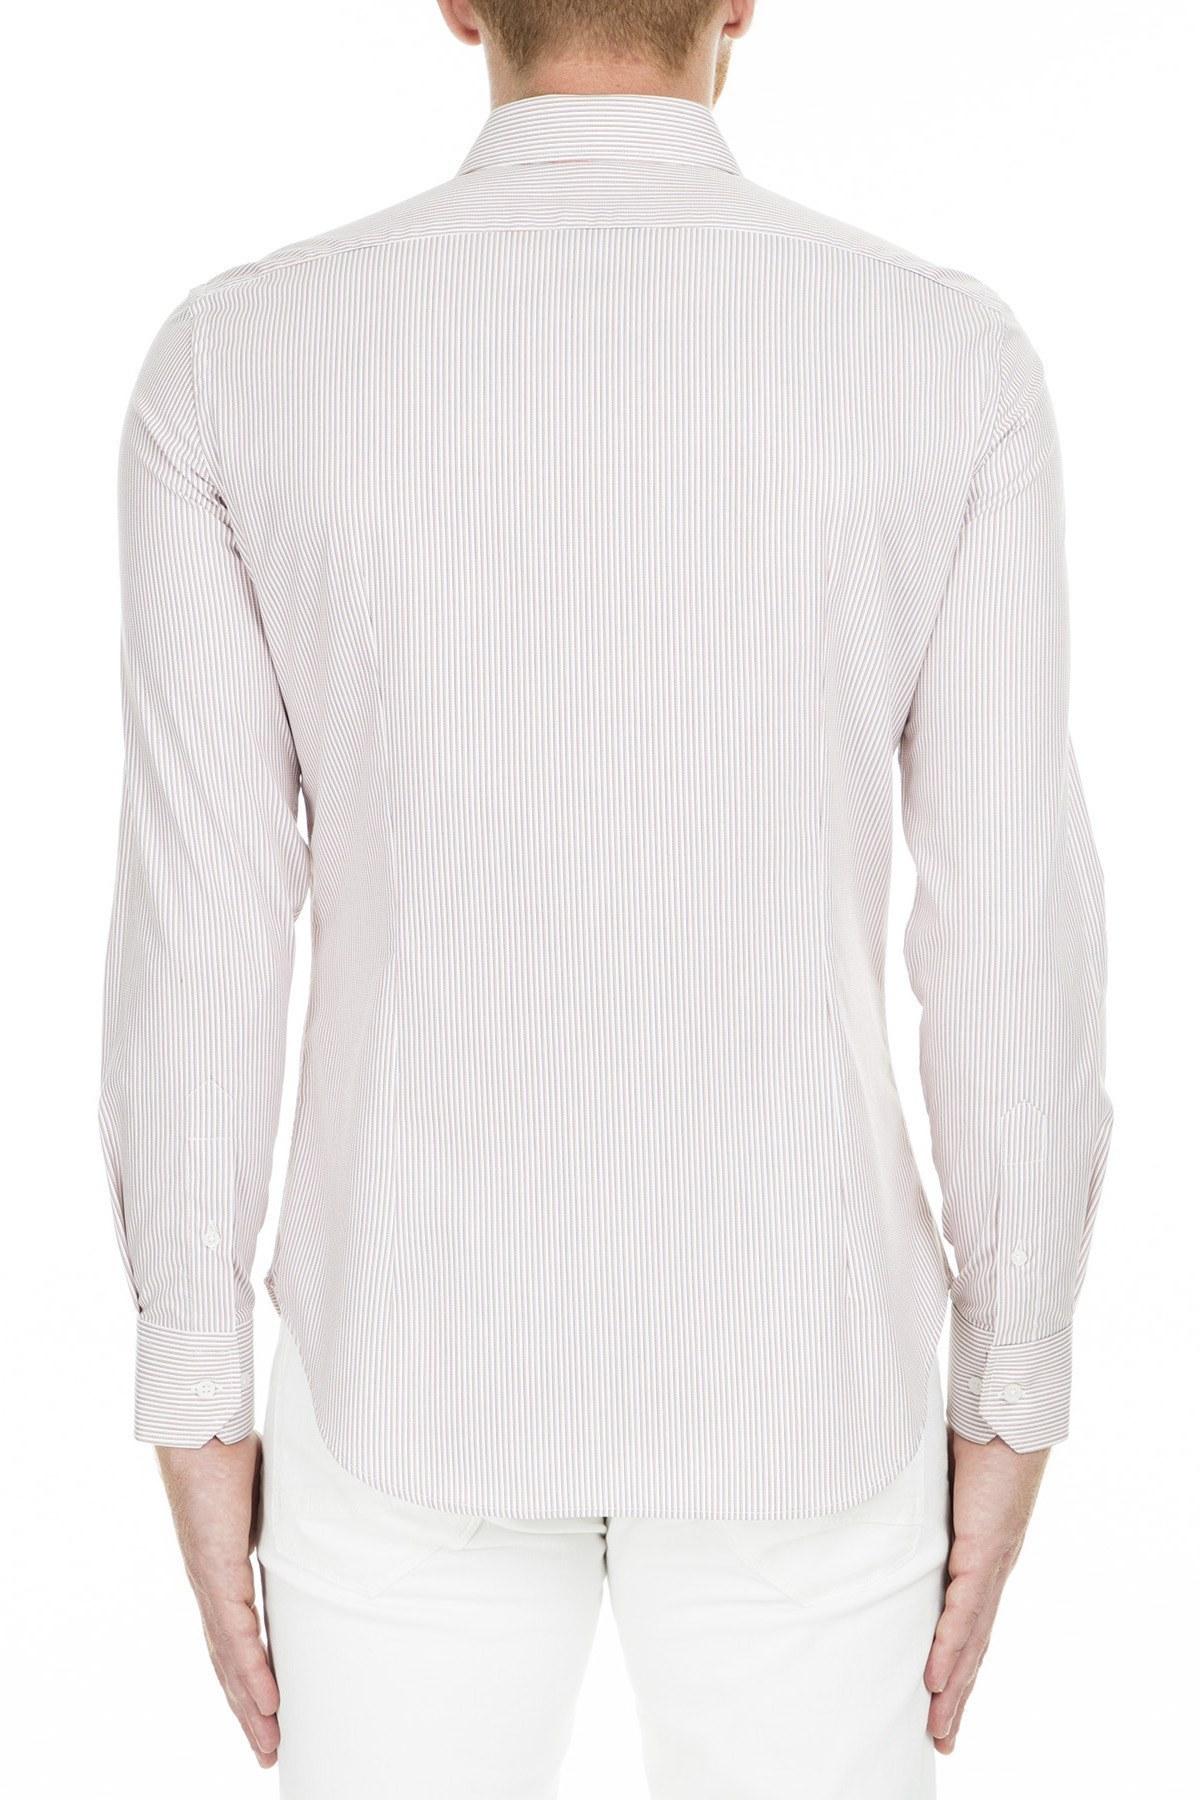 Armani Collezioni Gömlek Erkek Uk Gömlek SCCSBL SCC02 C013 KIRMIZI